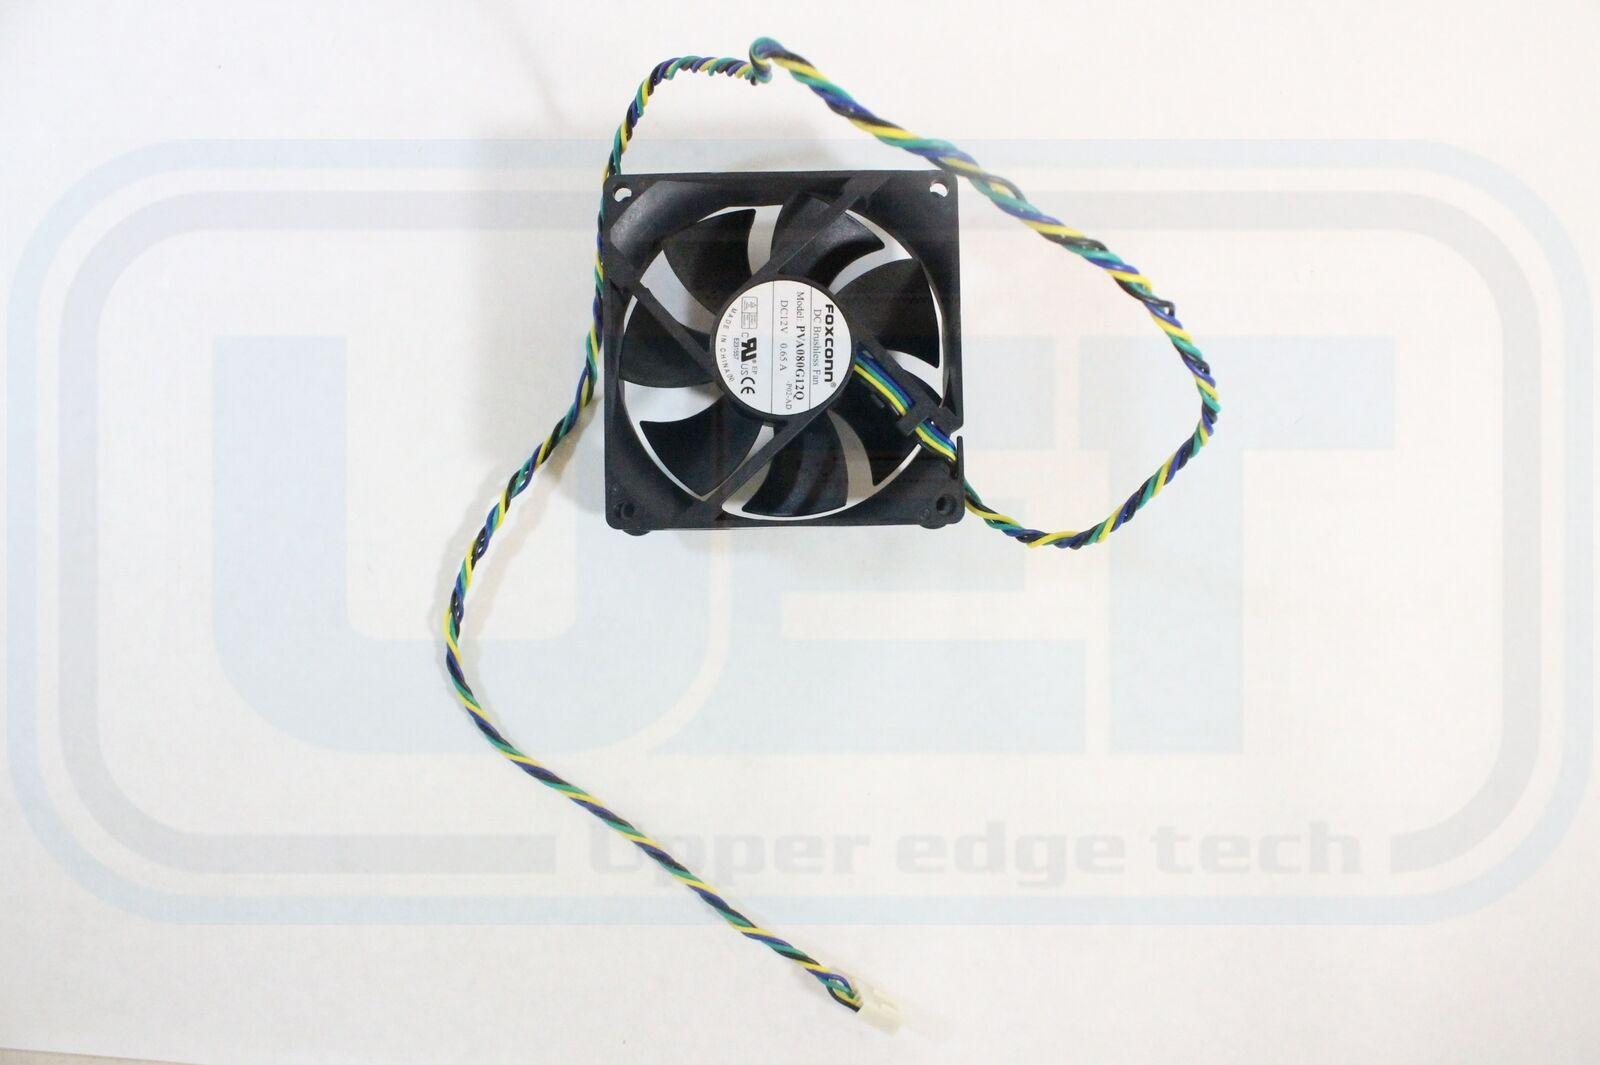 Lenovo ThinkCentre M71e-5033 CPU Fan 45K6530 Tested Warranty